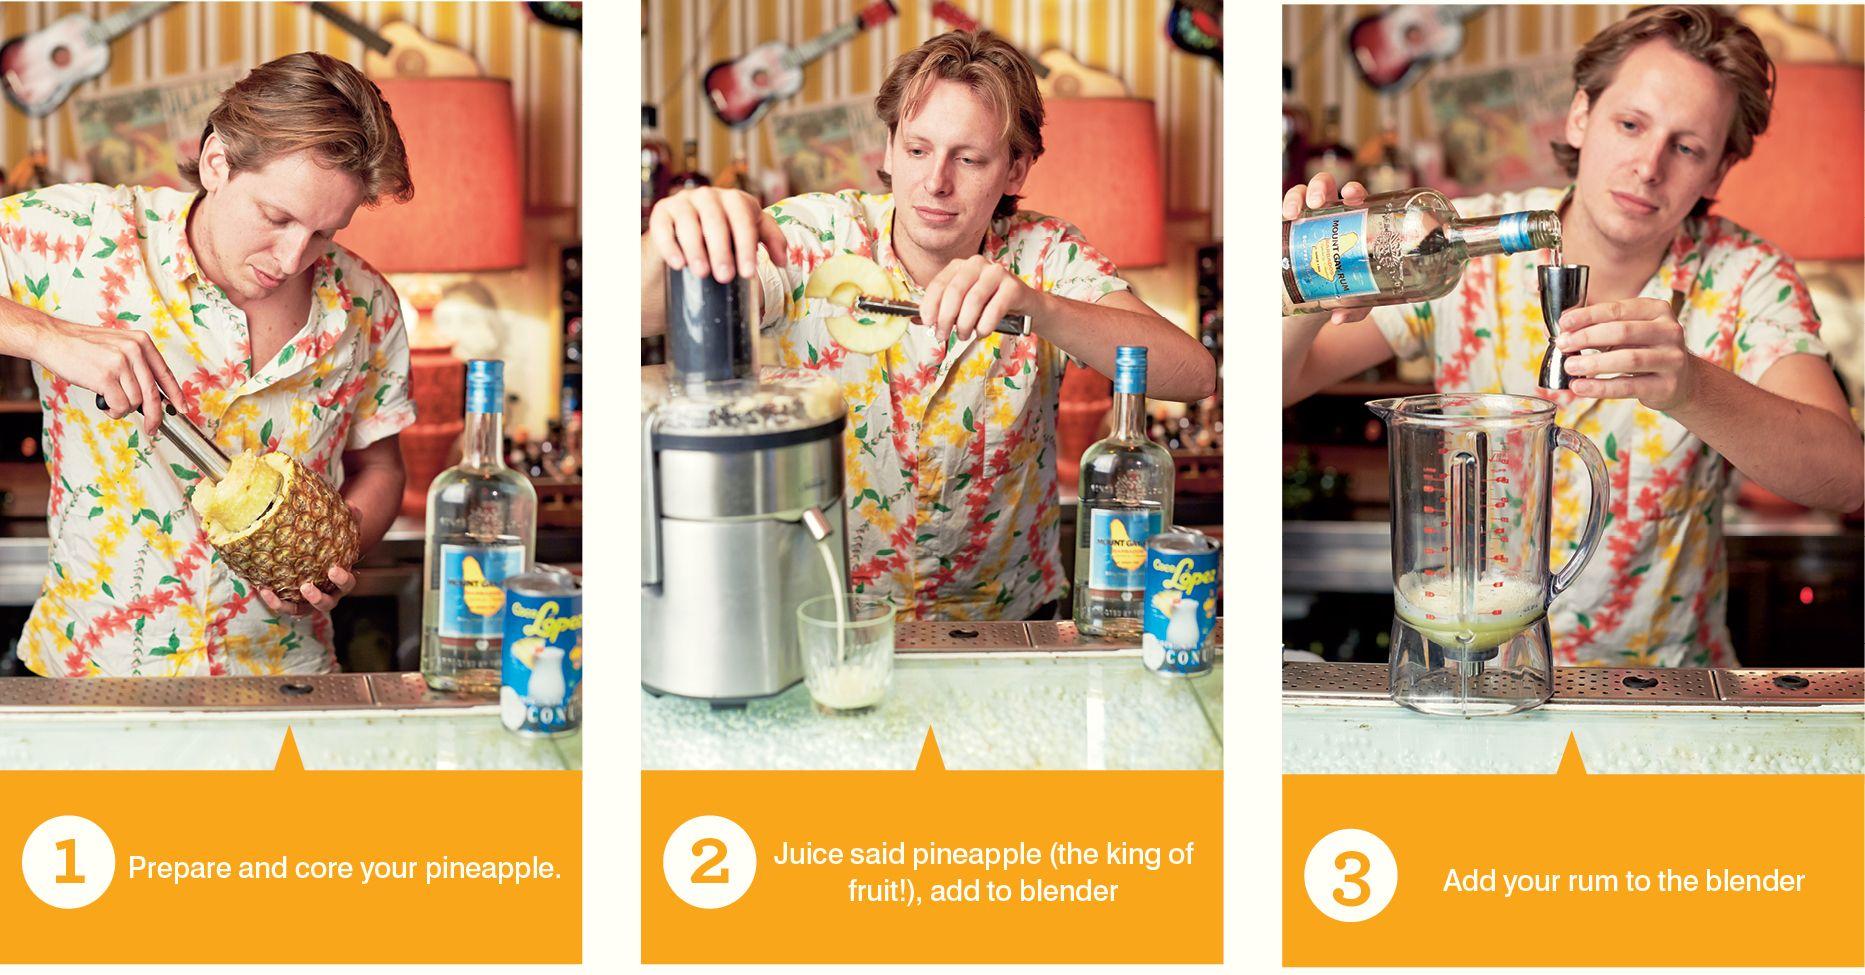 How To Pina Colada Steps 1-3